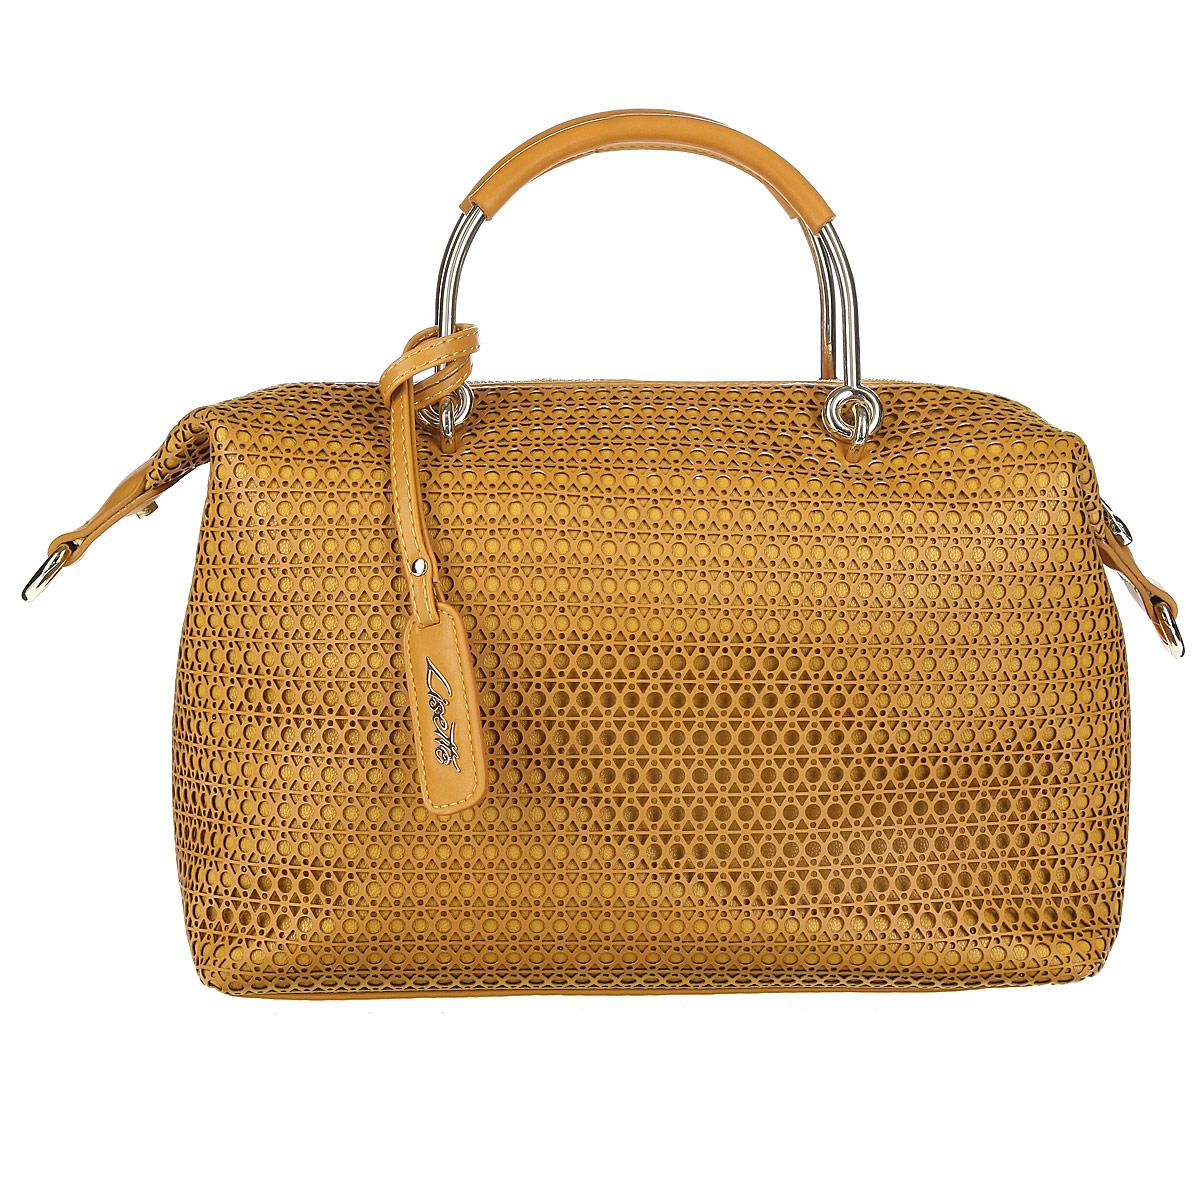 Сумкаженская Lisette, цвет: коричневый. 12-R38215BL39845800Стильная и необычная сумка из коллекции Lisette выполнена из высококачественной искусственной перфорированной кожи. Сумка имеет одно отделение, закрывающееся на молнию. Внутри есть врезной карман на застежке-молнии, накладной кармашек для мелочей и накладной карман для телефона, закрывающийся на клапан. Две металлические ручки обтянуты искусственной кожей и крепятся на металлическую фурнитуру. Сумка дополнена брелоком на ремешке с логотипом бренда. В комплекте съемный плечевой ремень регулируемой длины. В комплекте чехол для хранения.Сумка - это стильный аксессуар, который подчеркнет вашу изысканность и индивидуальность и сделает ваш образ завершенным. Изысканный декор, стильная фурнитура, классическая форма в сочетании с вместительностью и удобством делают эту модель прекрасным дополнением к вашему образу.